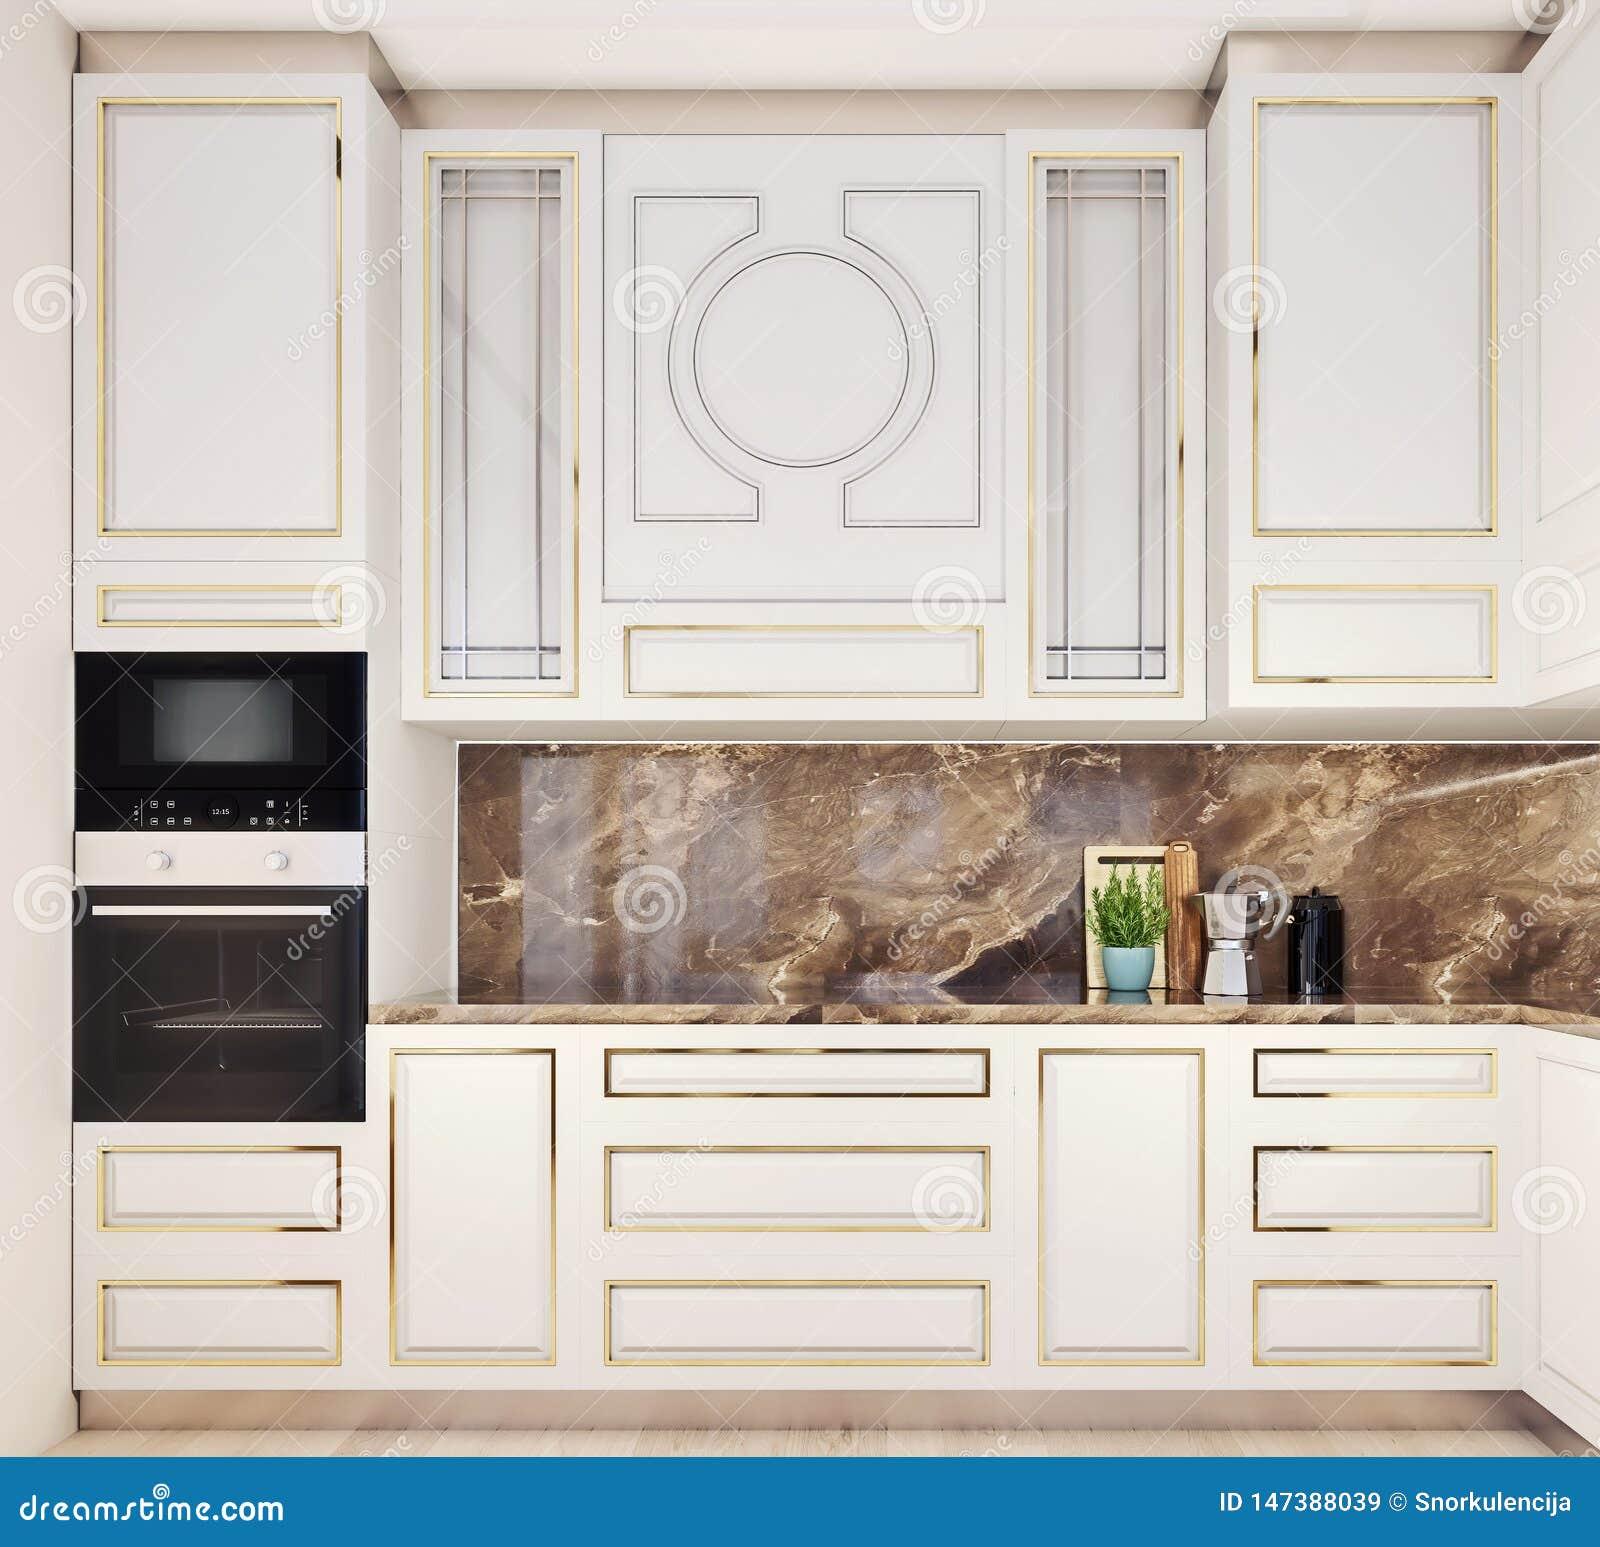 Moderne Innenarchitektur der Küche, Vorderansicht, Nahaufnahme, stilvoll und elegant